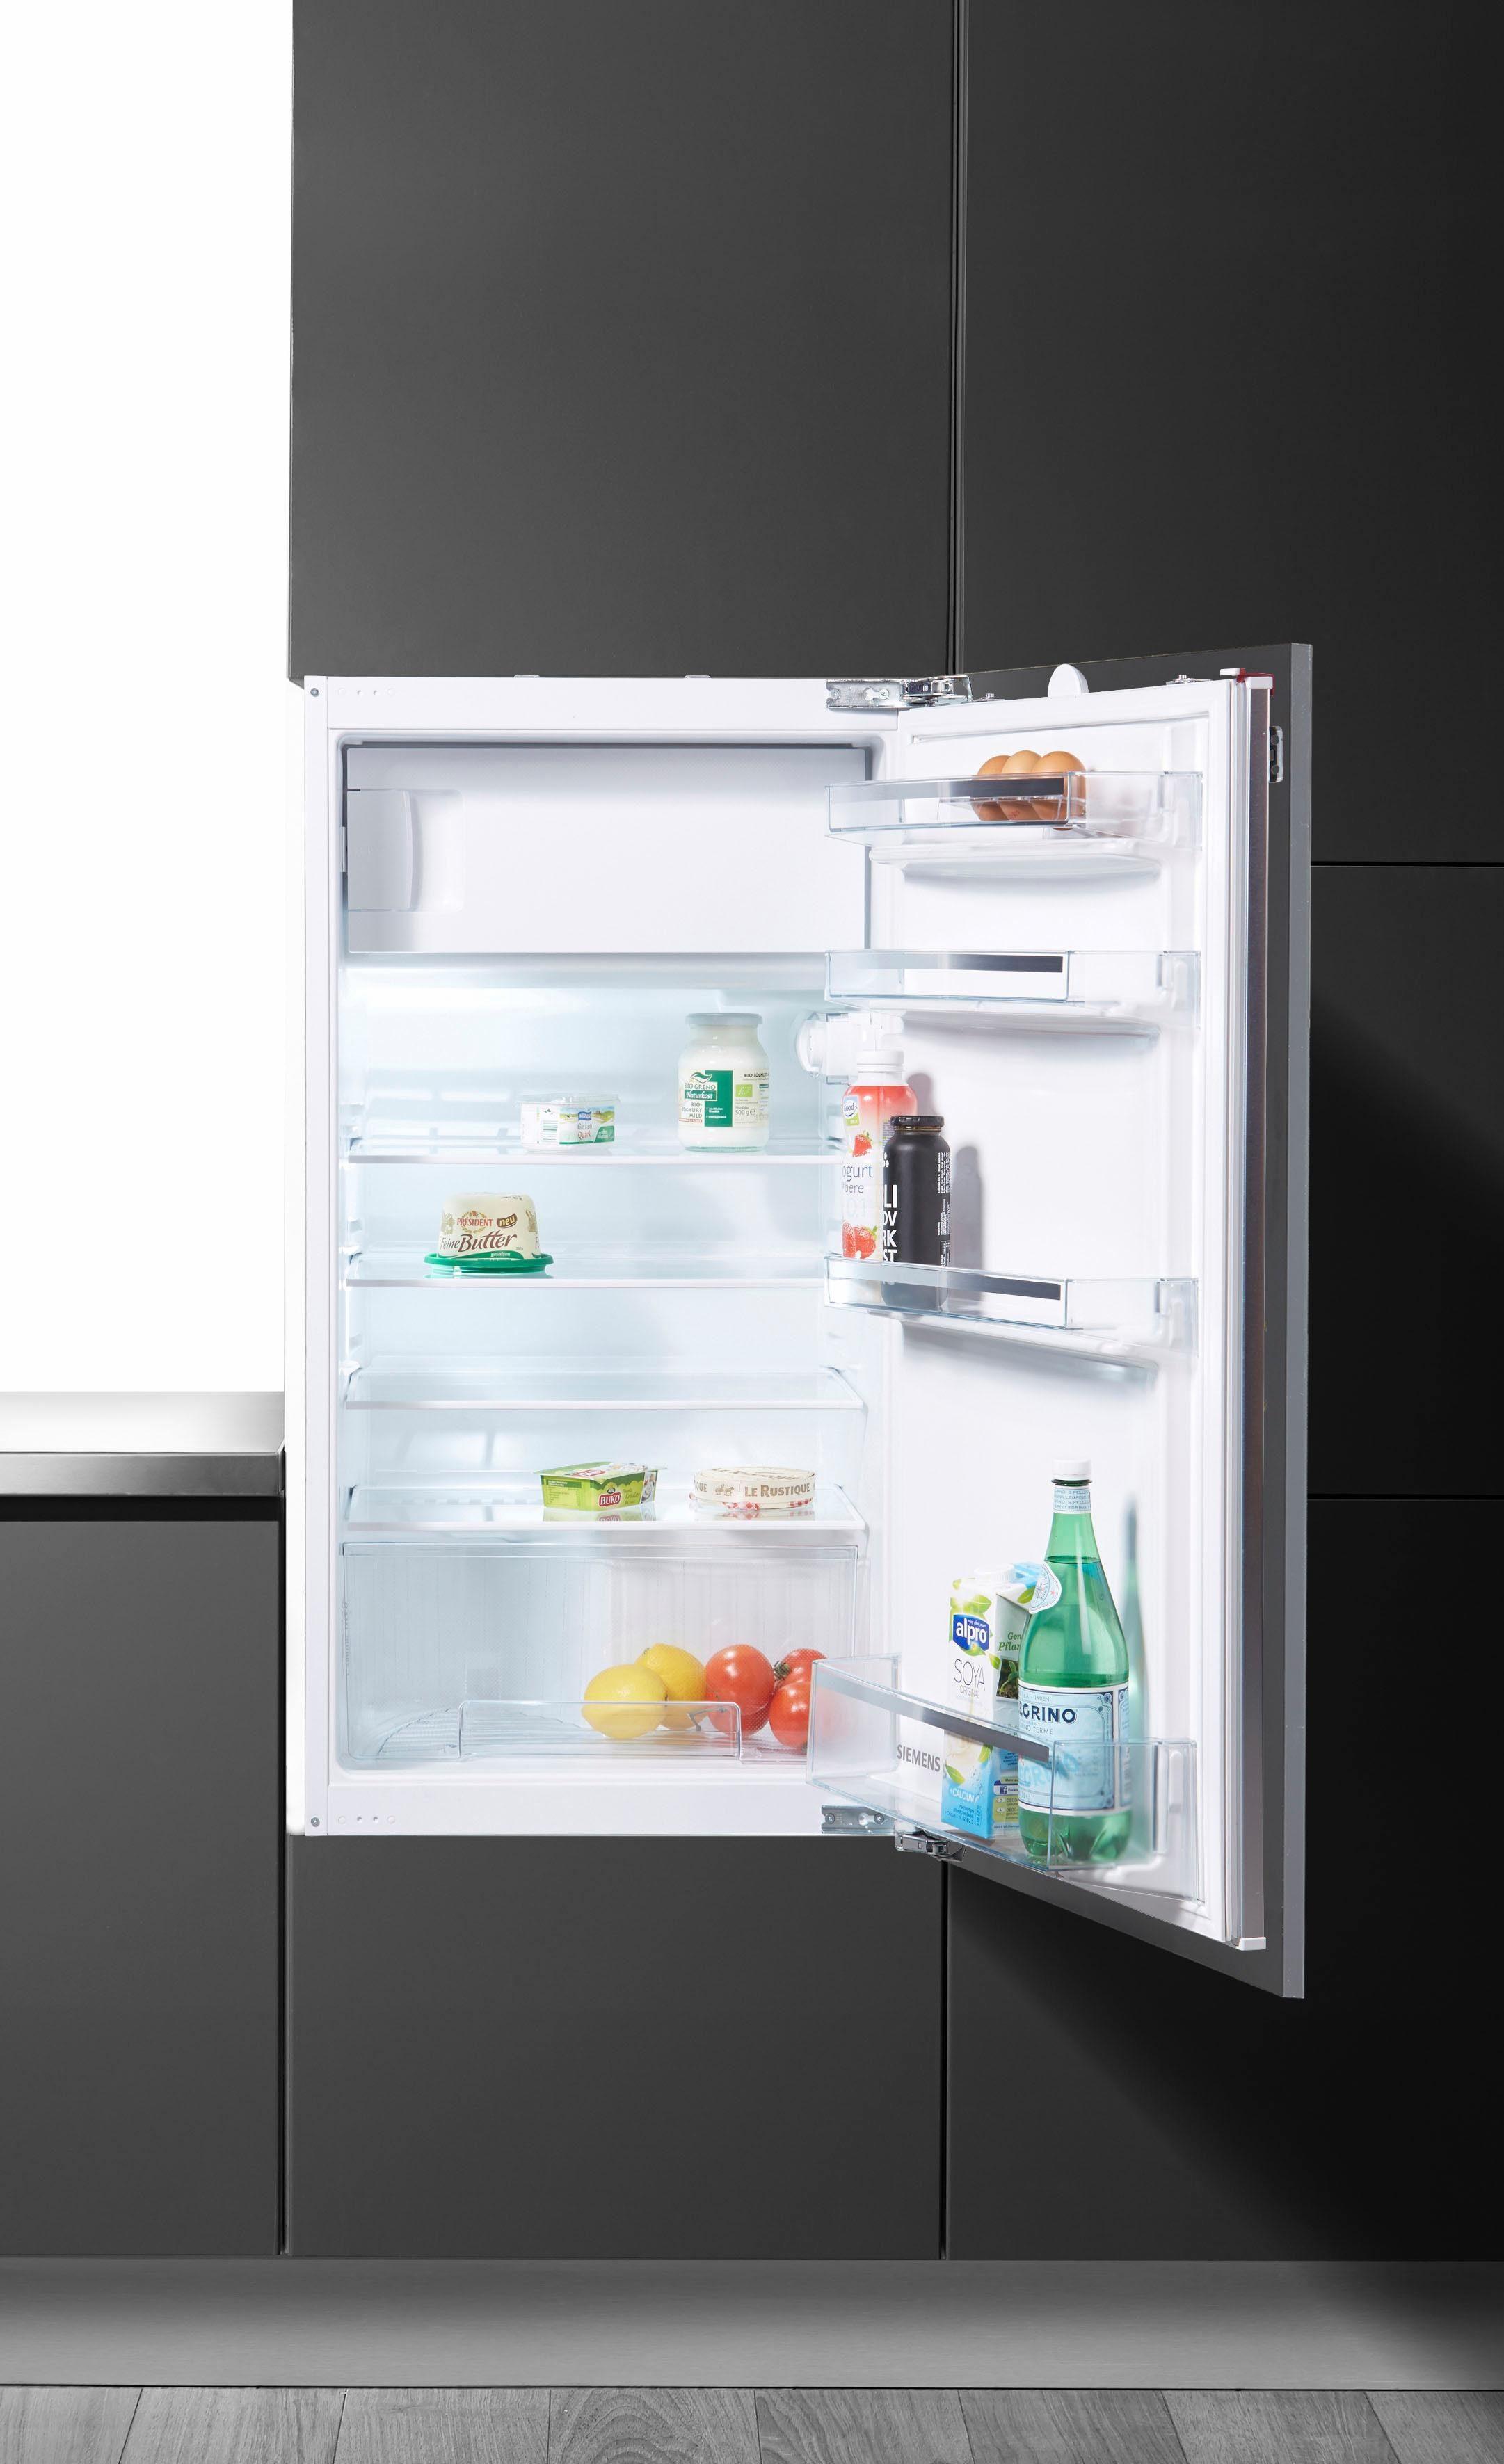 SIEMENS Einbaukühlschrank KI20LV62, 102,1 cm hoch, 54,1 cm breit, Energieklasse A++, 102,1 cm hoch